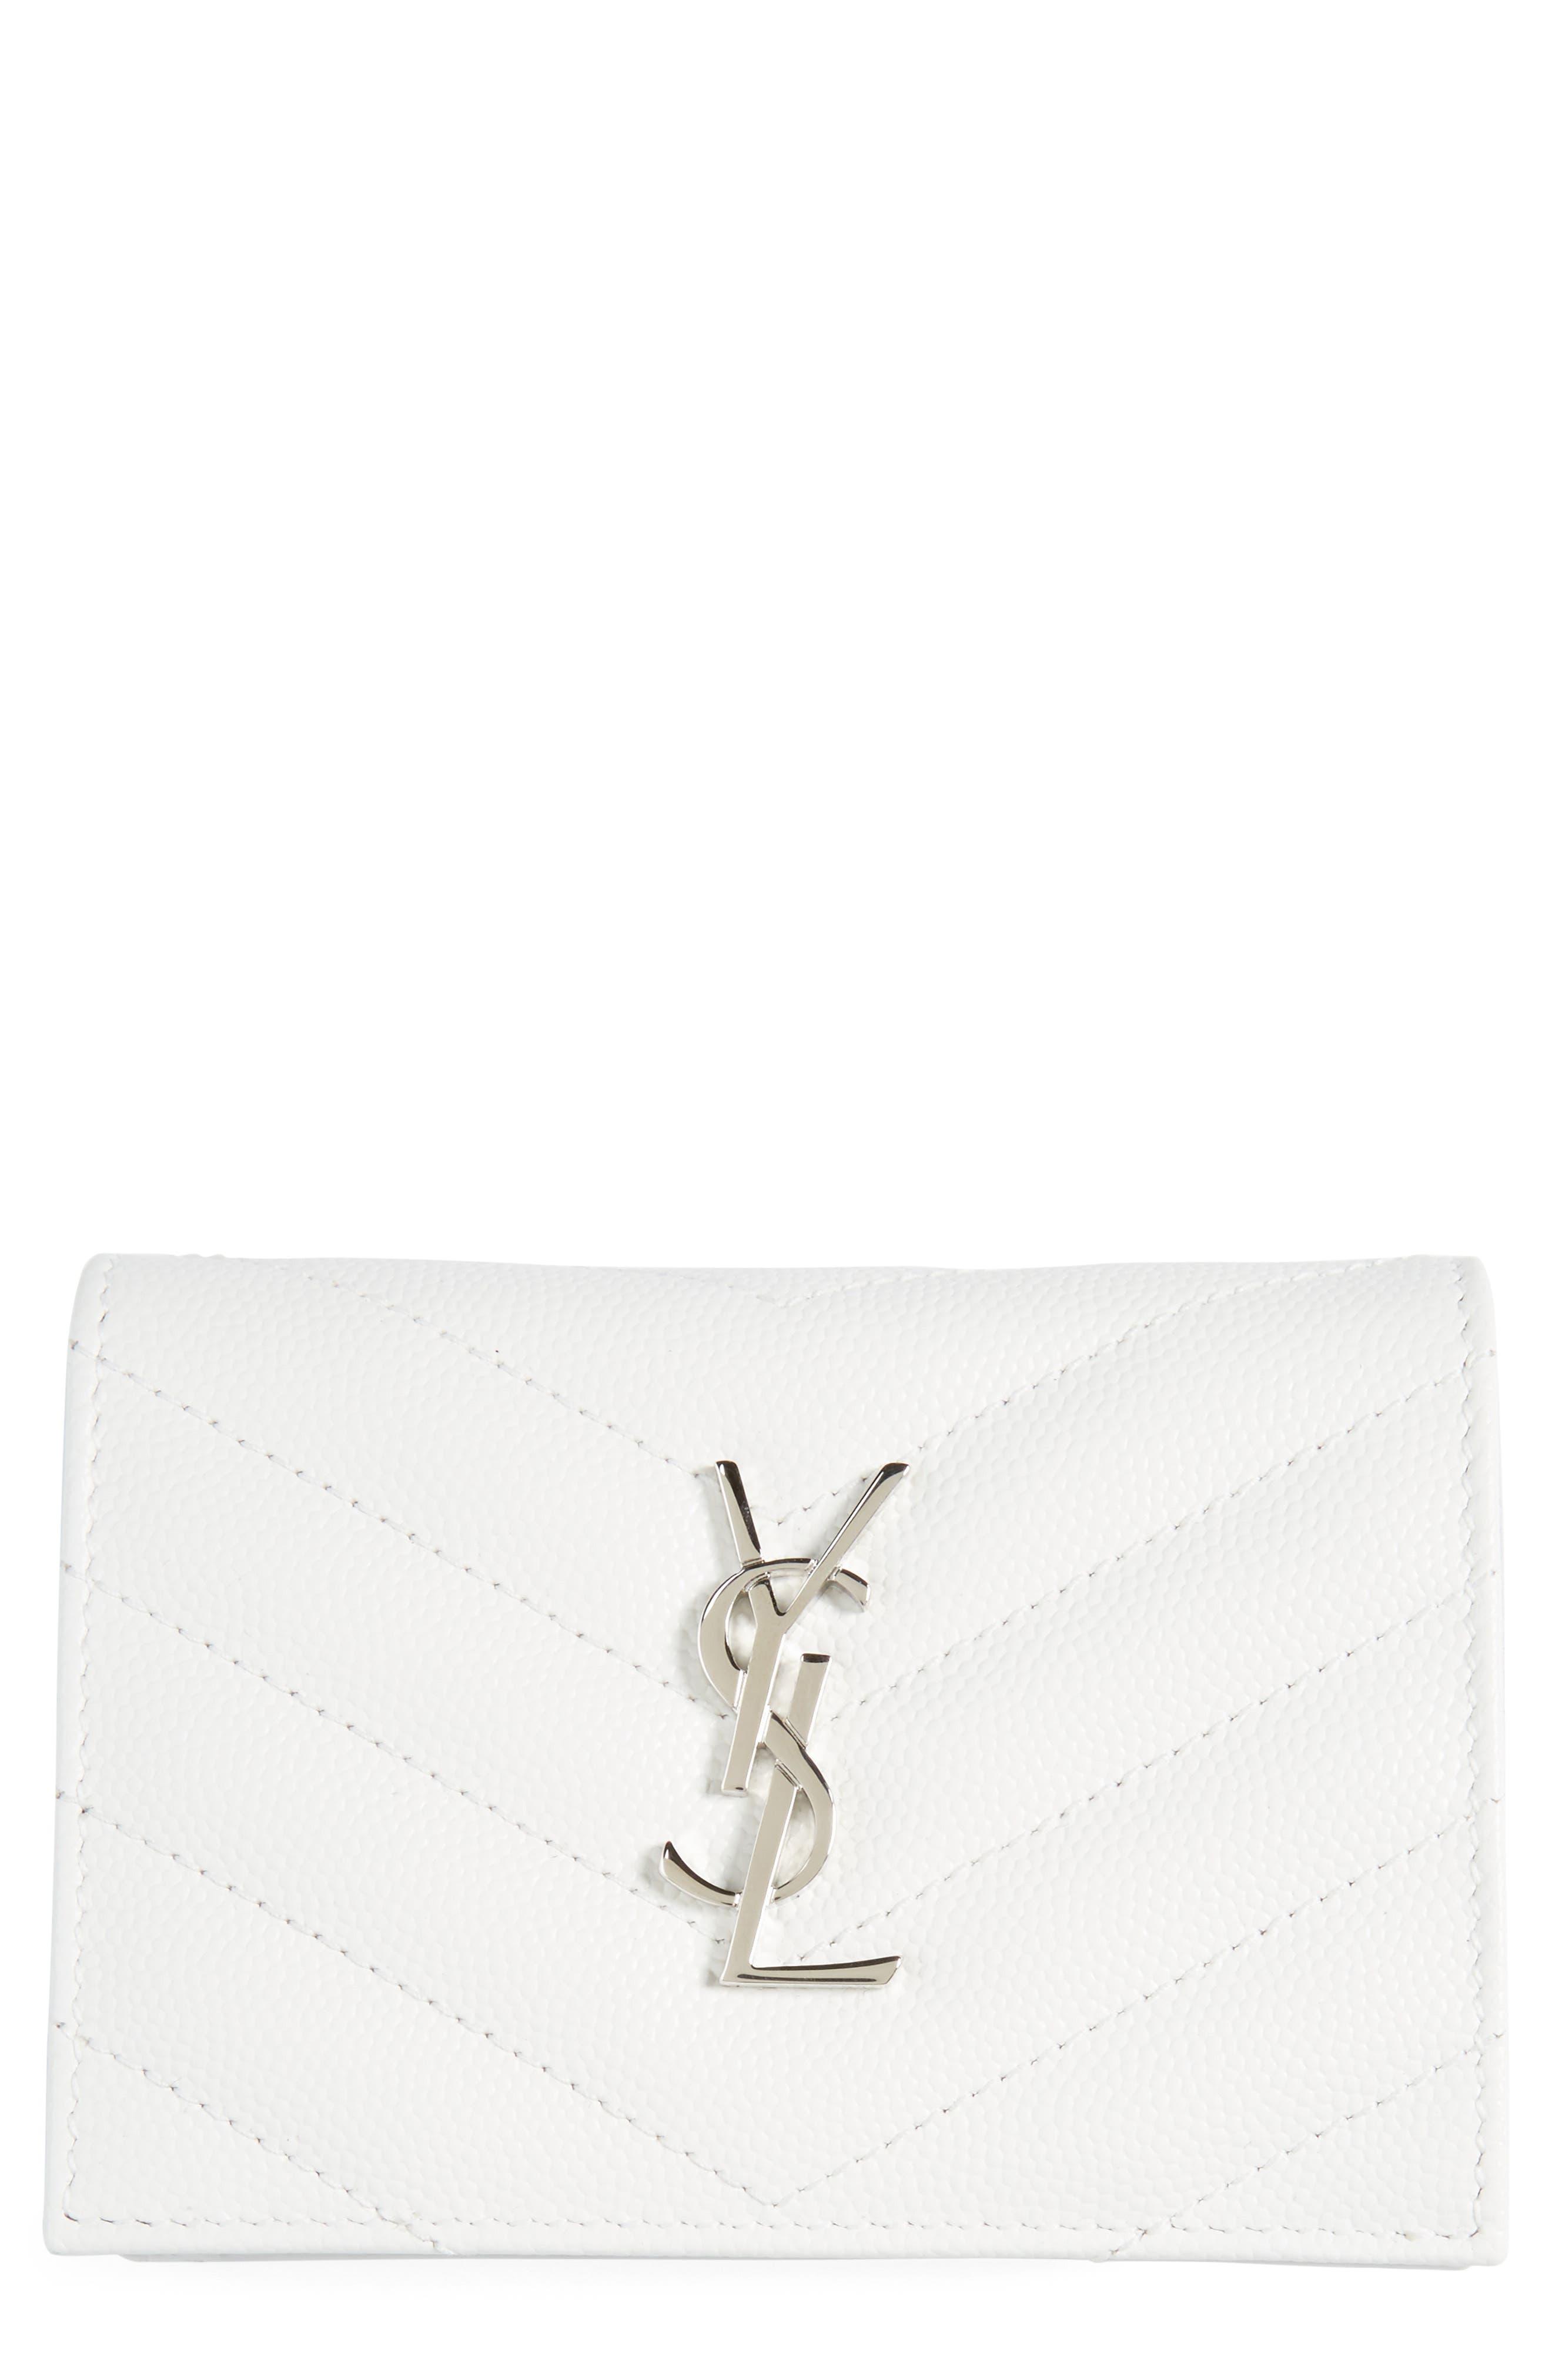 Saint Laurent Textured Leather Card Case